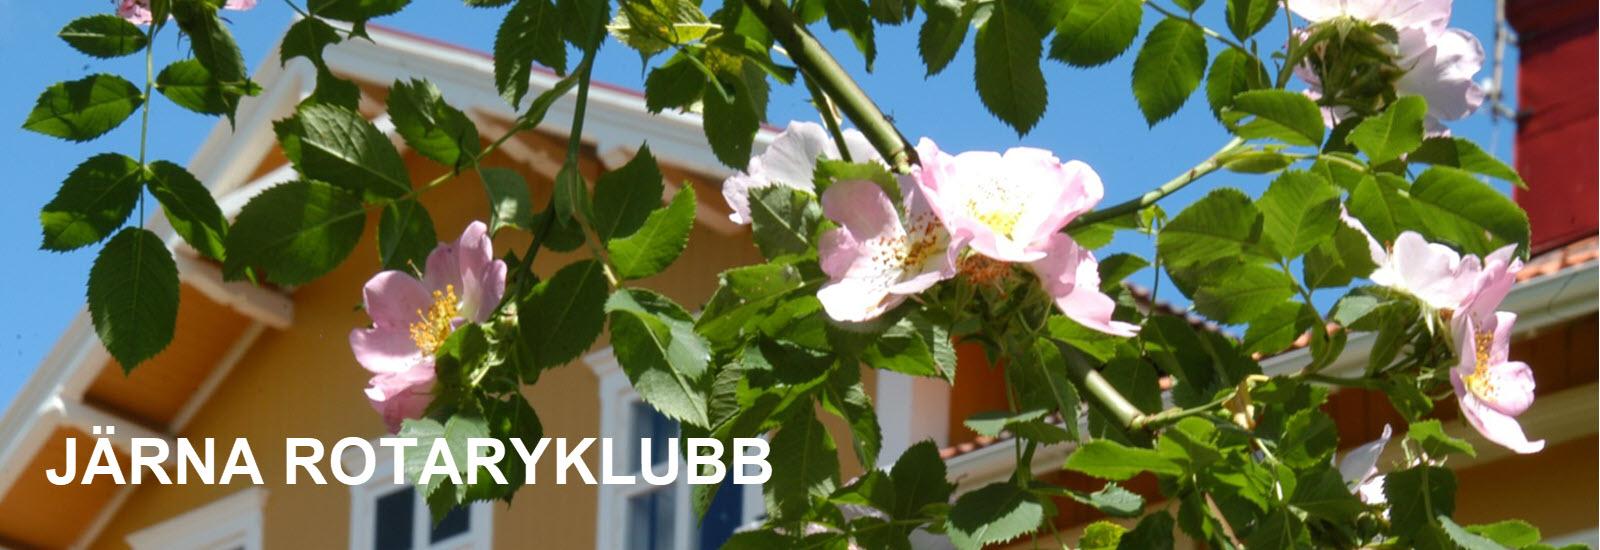 Skavehuset-järna-RK.jpg